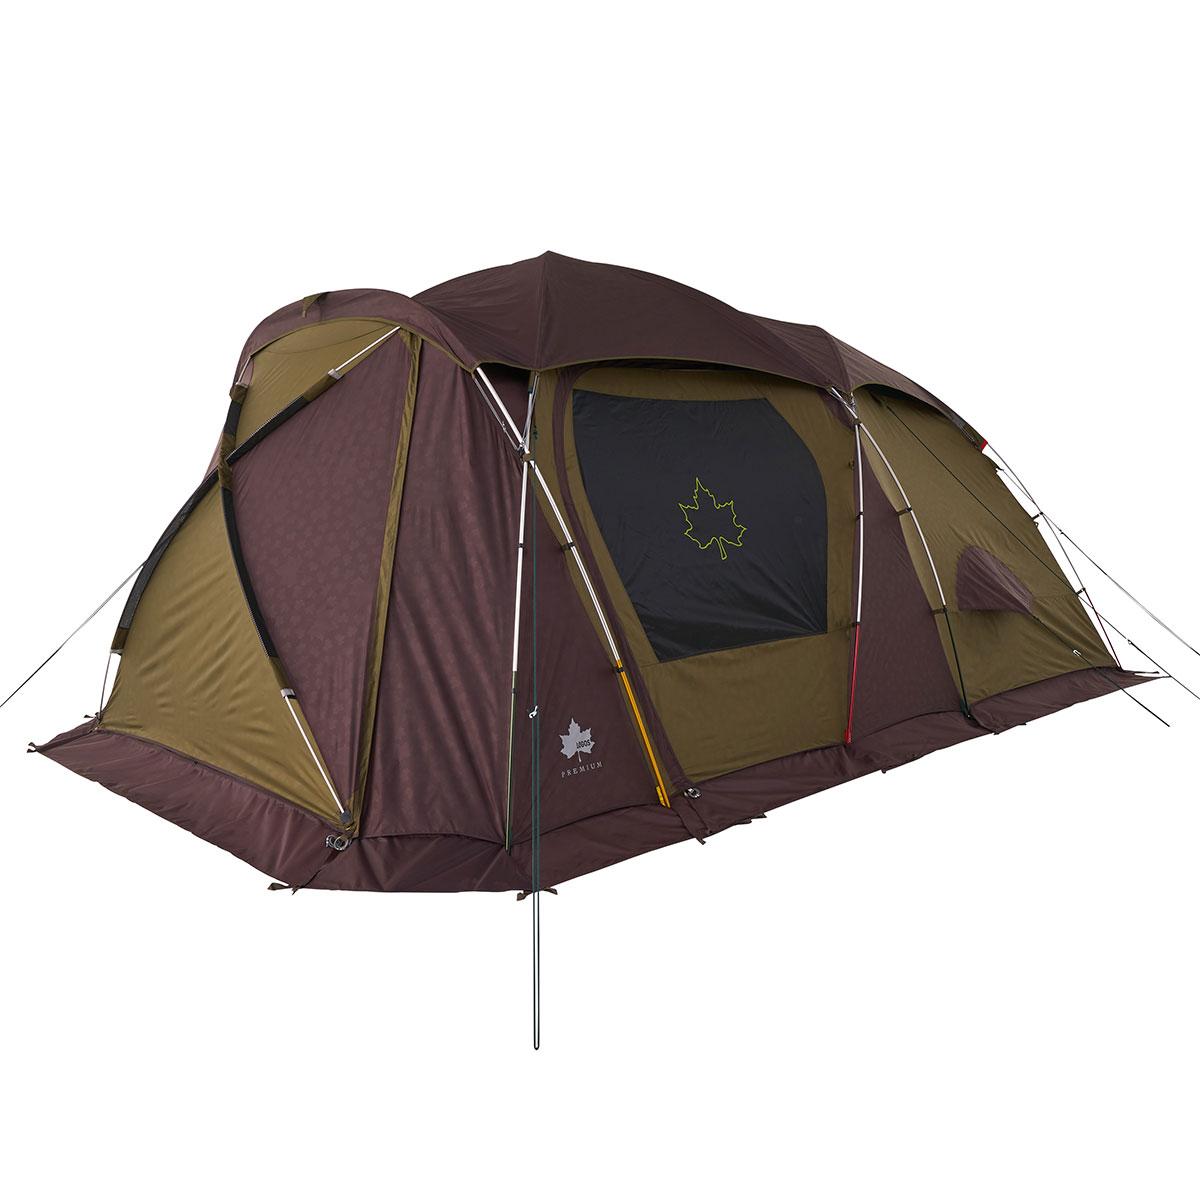 ロゴス(LOGOS) キャンプ用テント(3~5人用) プレミアム PANELグレートドゥーブル XL-BJ 71805538 テント タープ キャンプ用テント キャンプ アウトドア